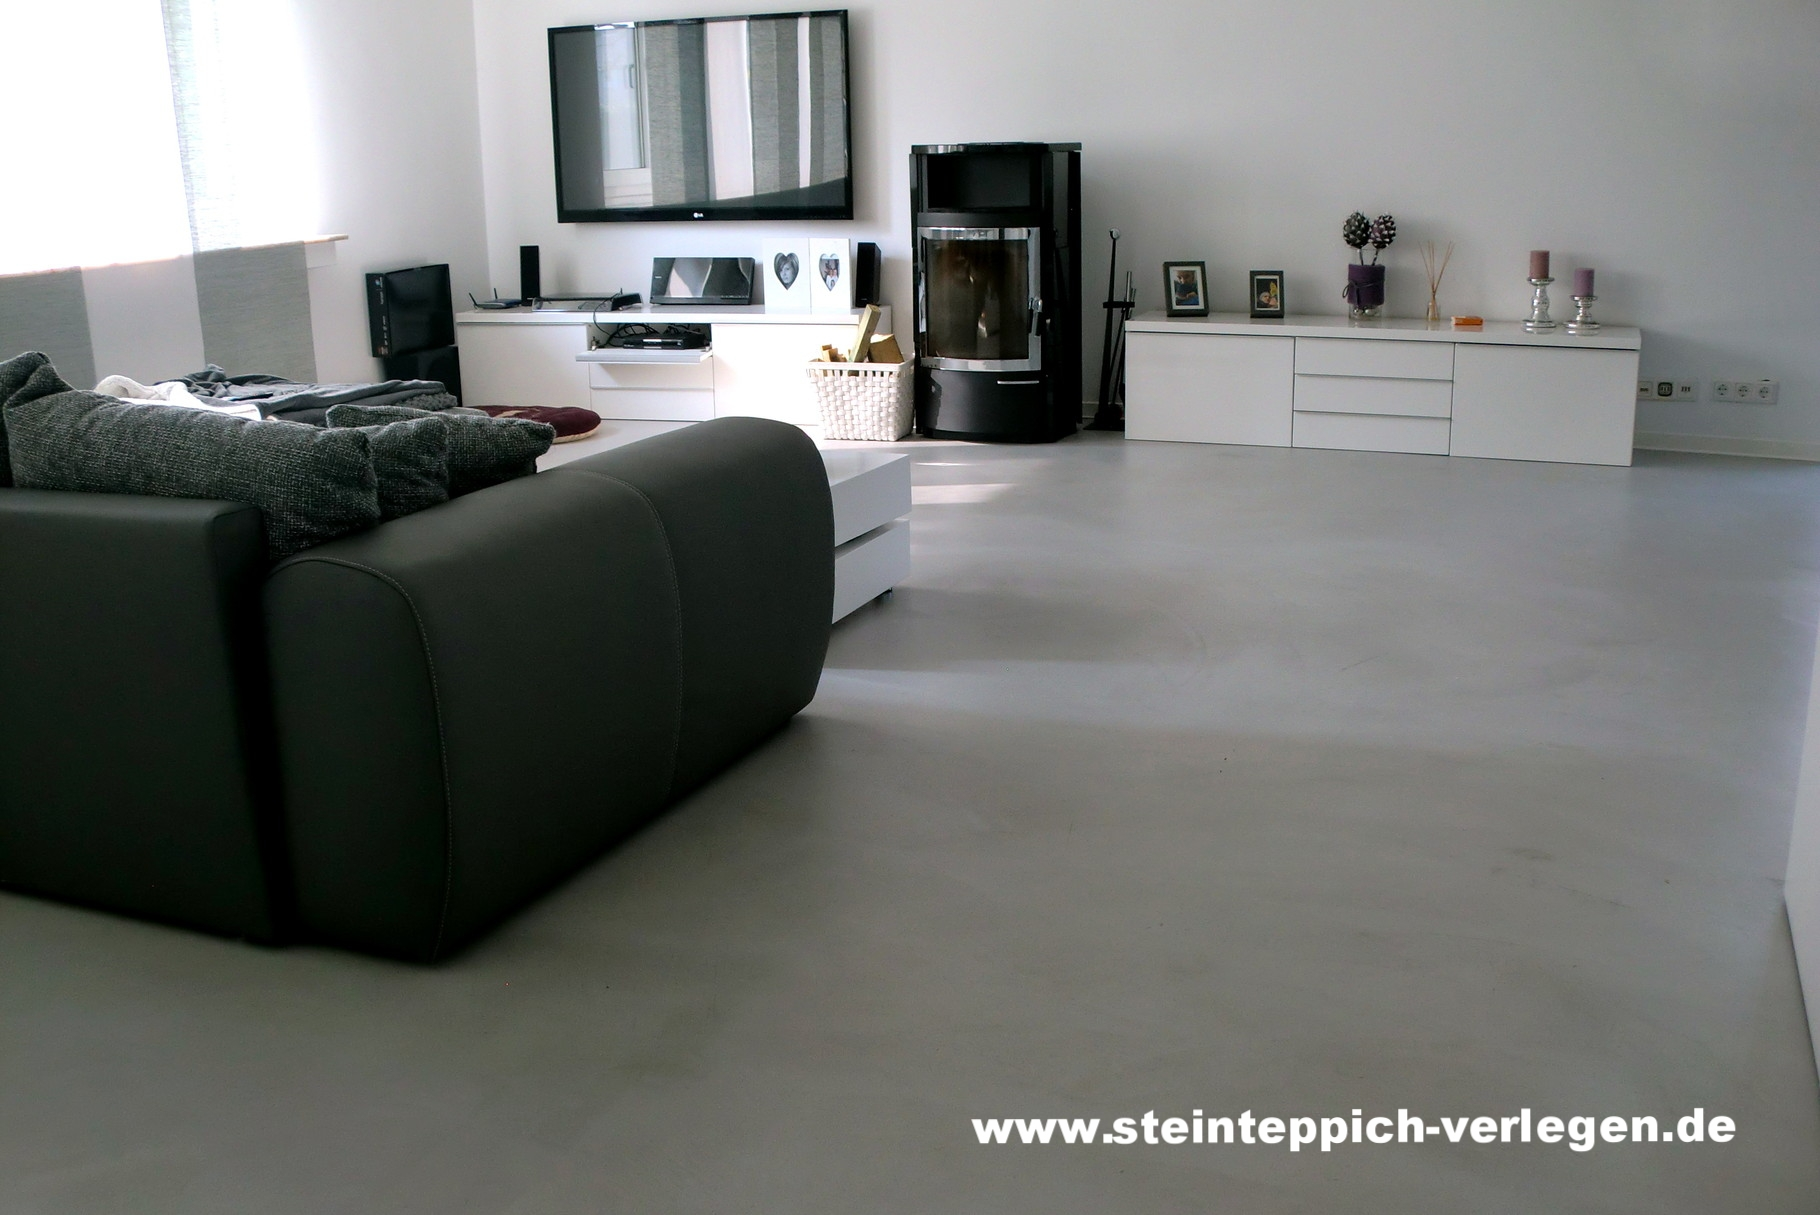 Boden in Betonoptik, Preise & Kosten - Steinteppich in Ihrer Nähe!